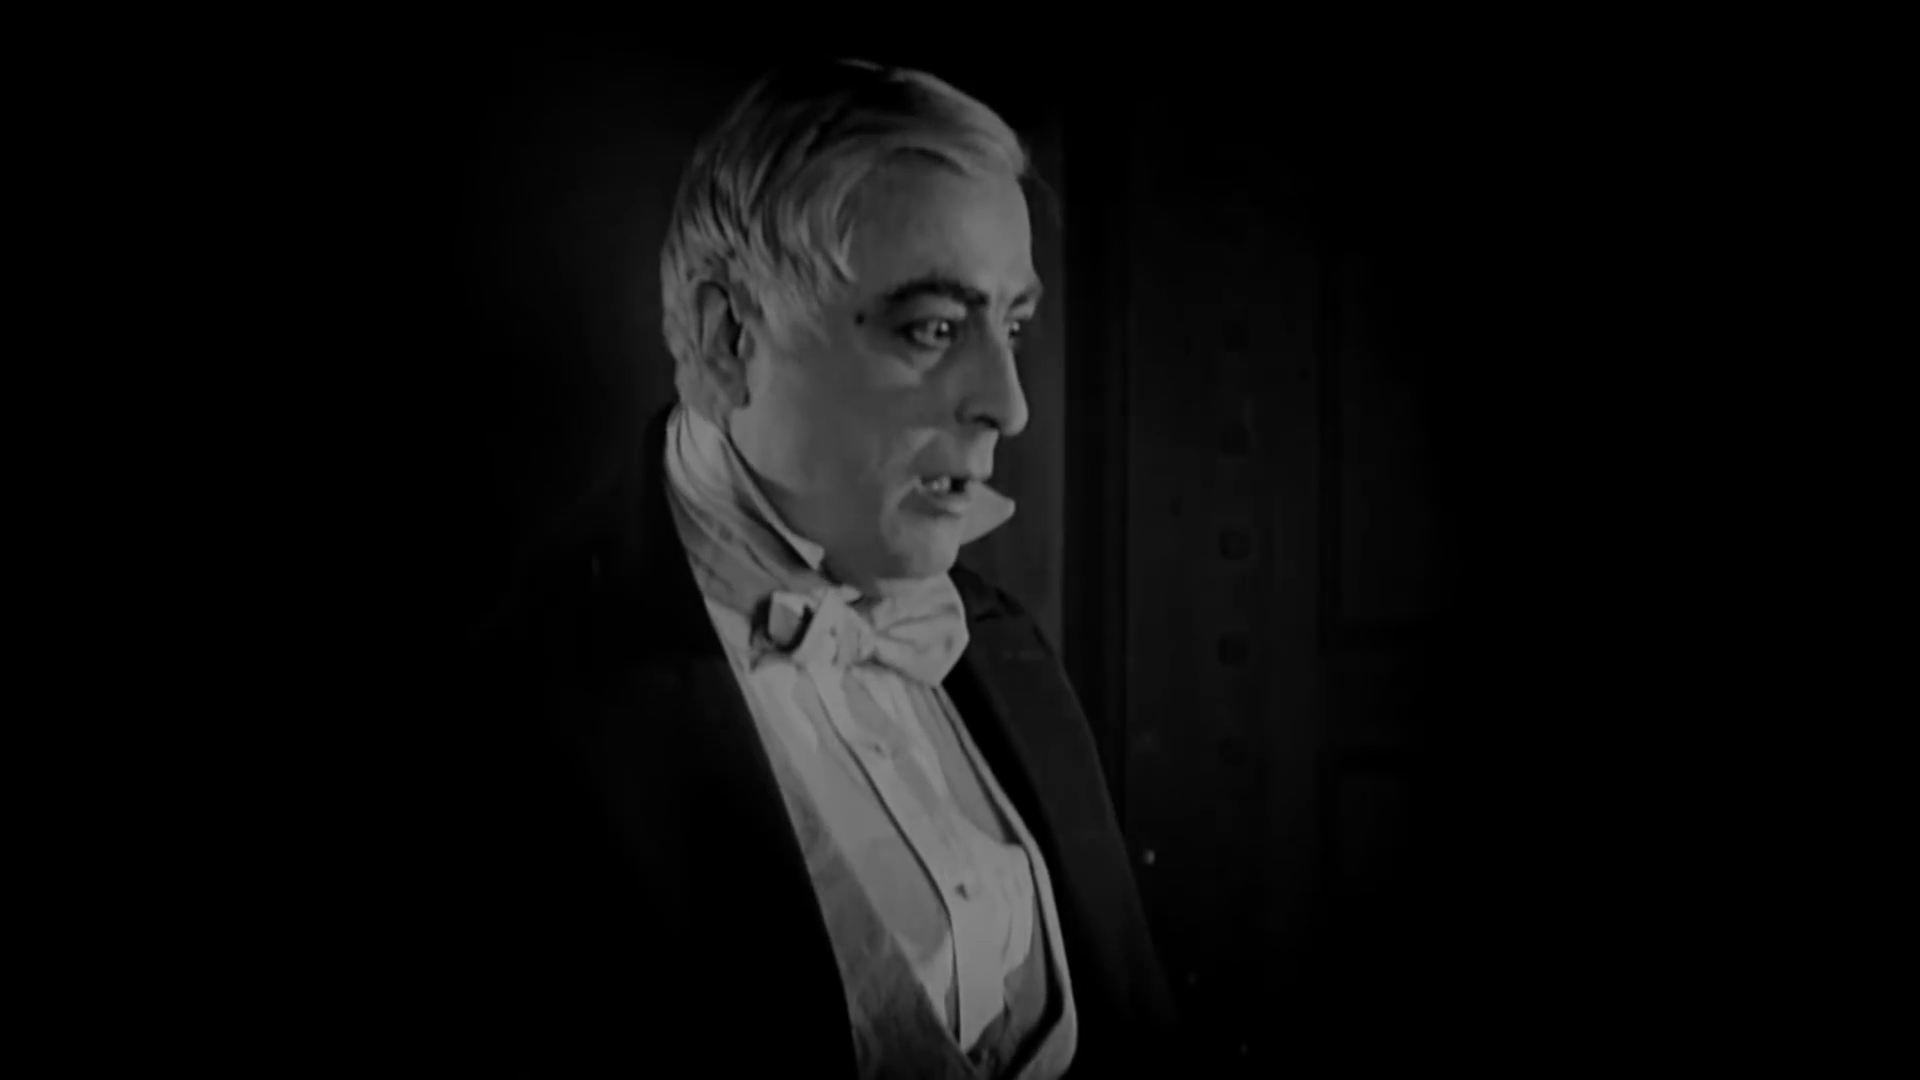 Charles Lane est le docteur Richard Lanyon dans le film muet Dr. Jekyll and Mr. Hyde (Docteur Jekyll et M. Hyde, 1920) de John S. Robertson